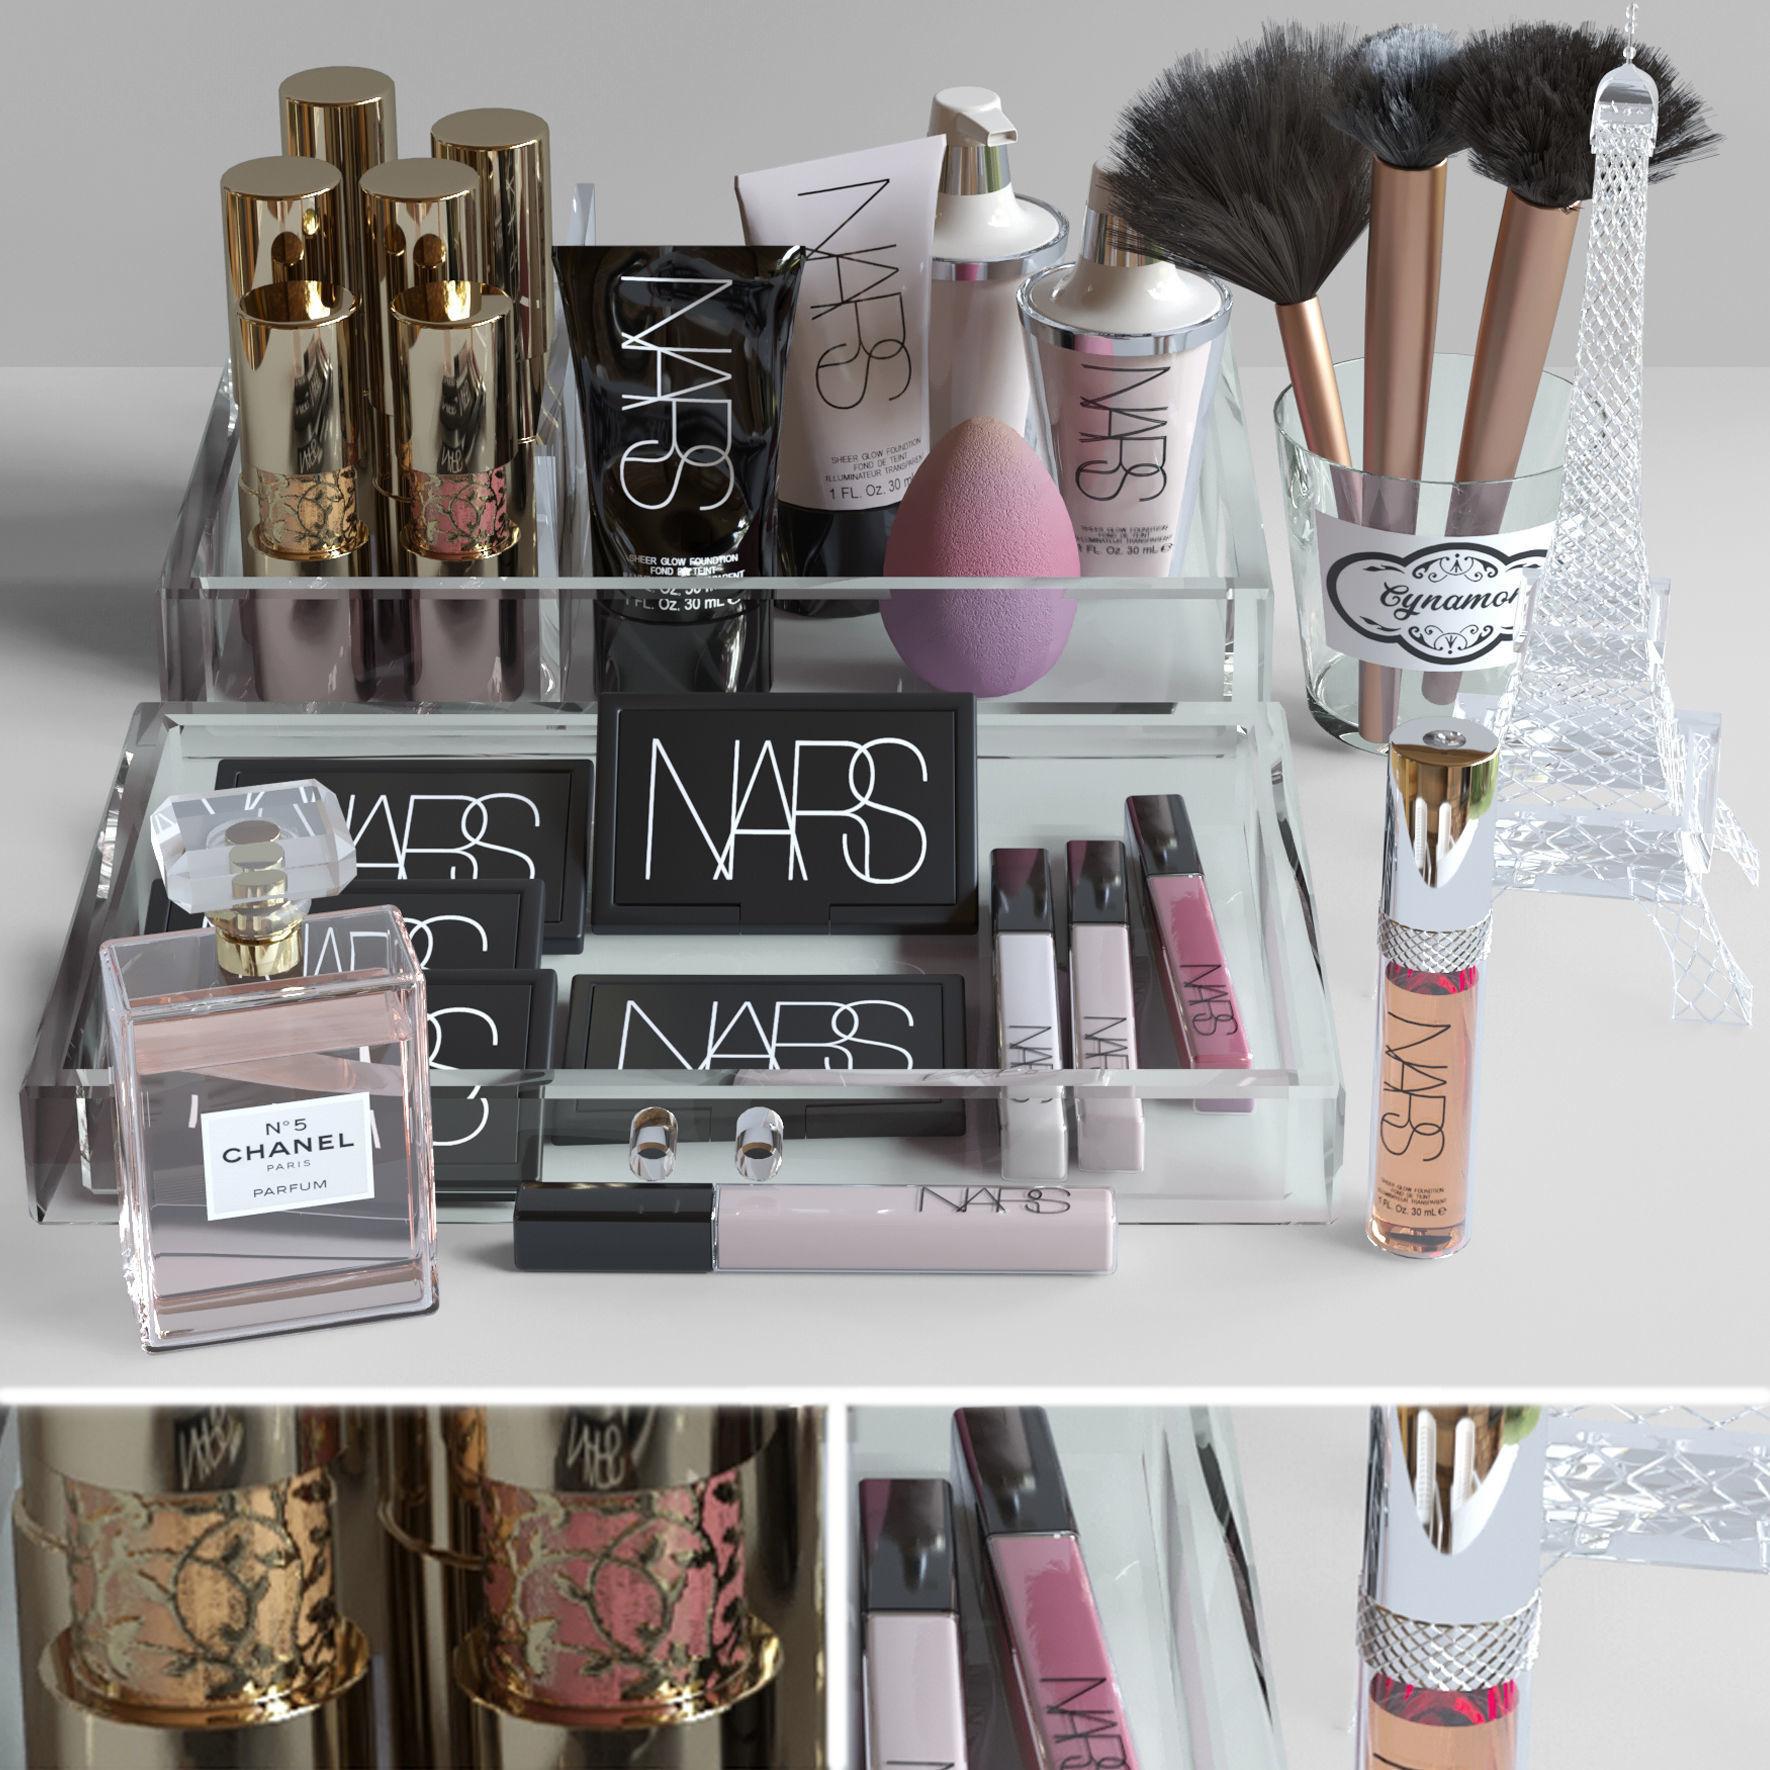 Set of luxury cosmetics